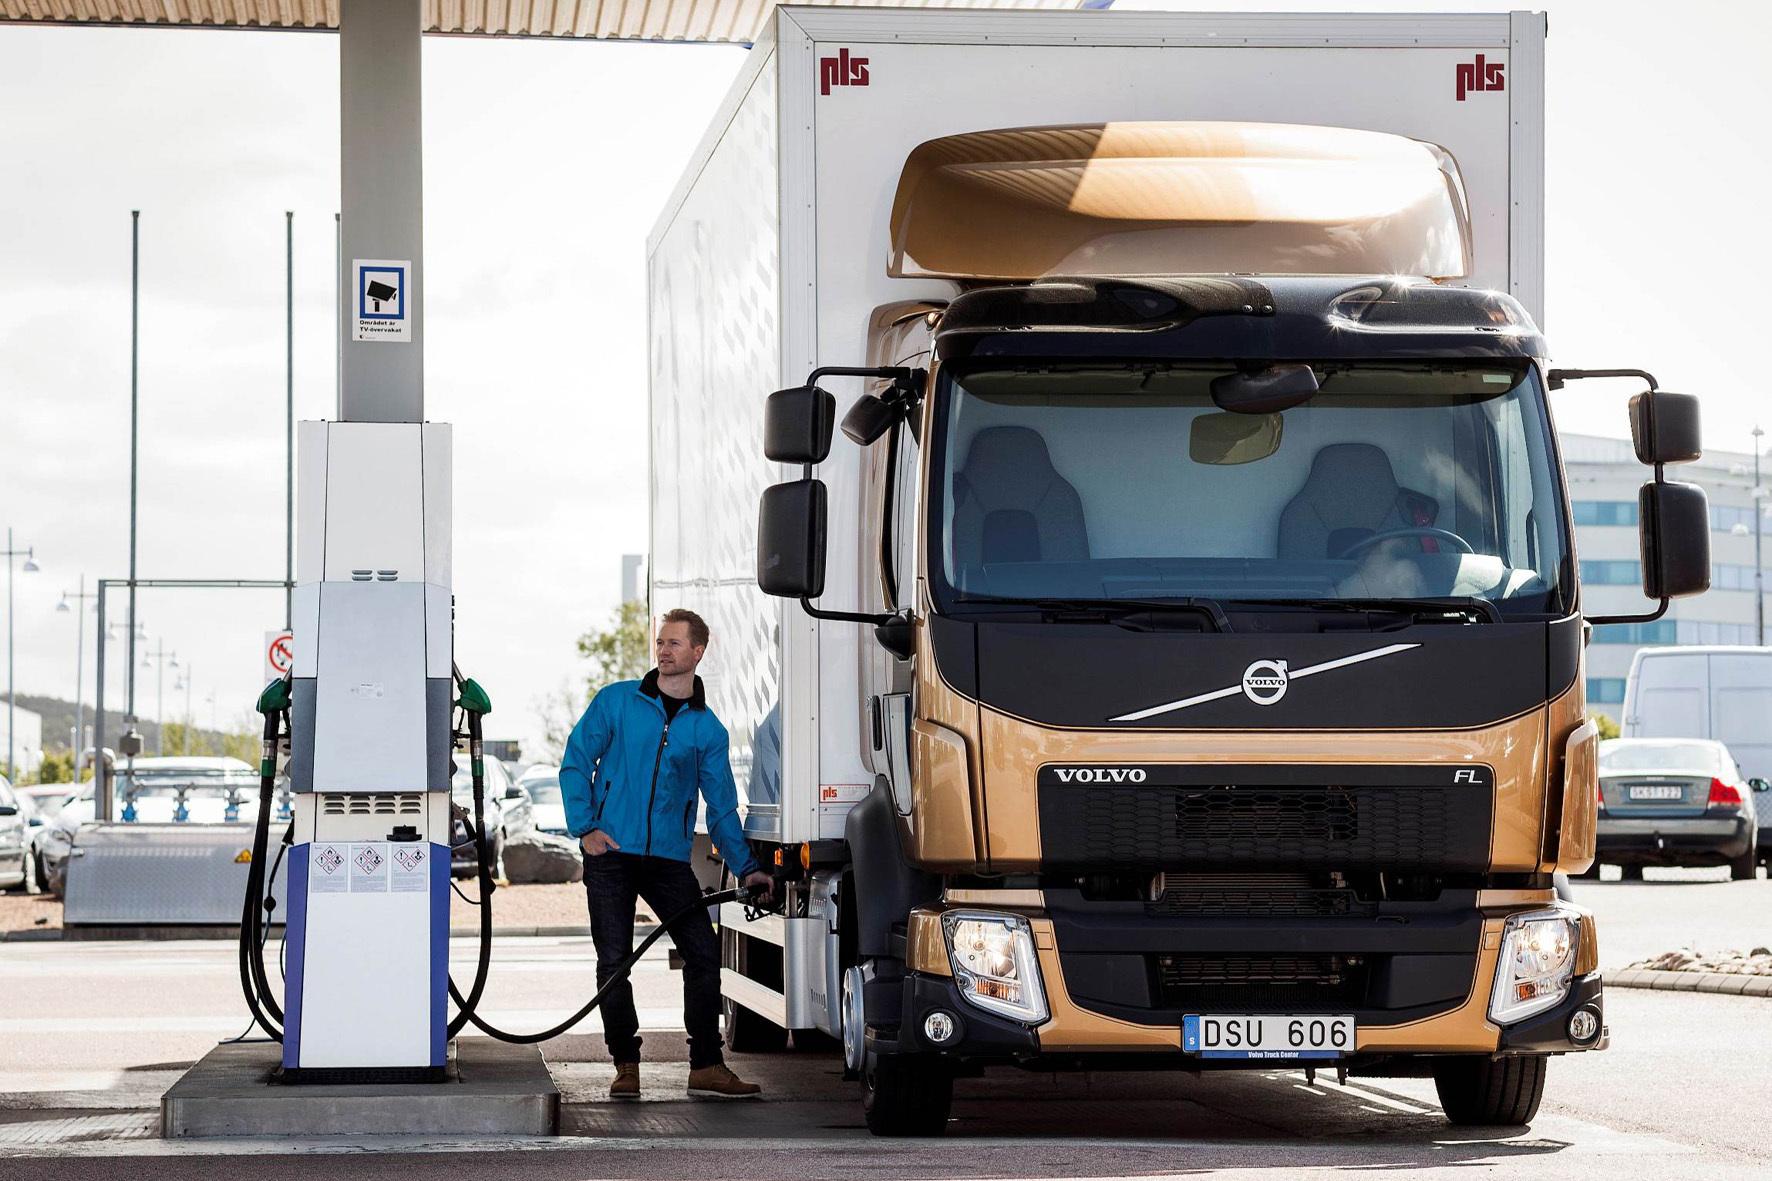 mid Ismaning - Fahrer von Volvo-Lkw mit Euro5-Motor können ihre Fahrzeuge jetzt mit dem Segen des Herstellers mit synthetischem Diesel betanken.